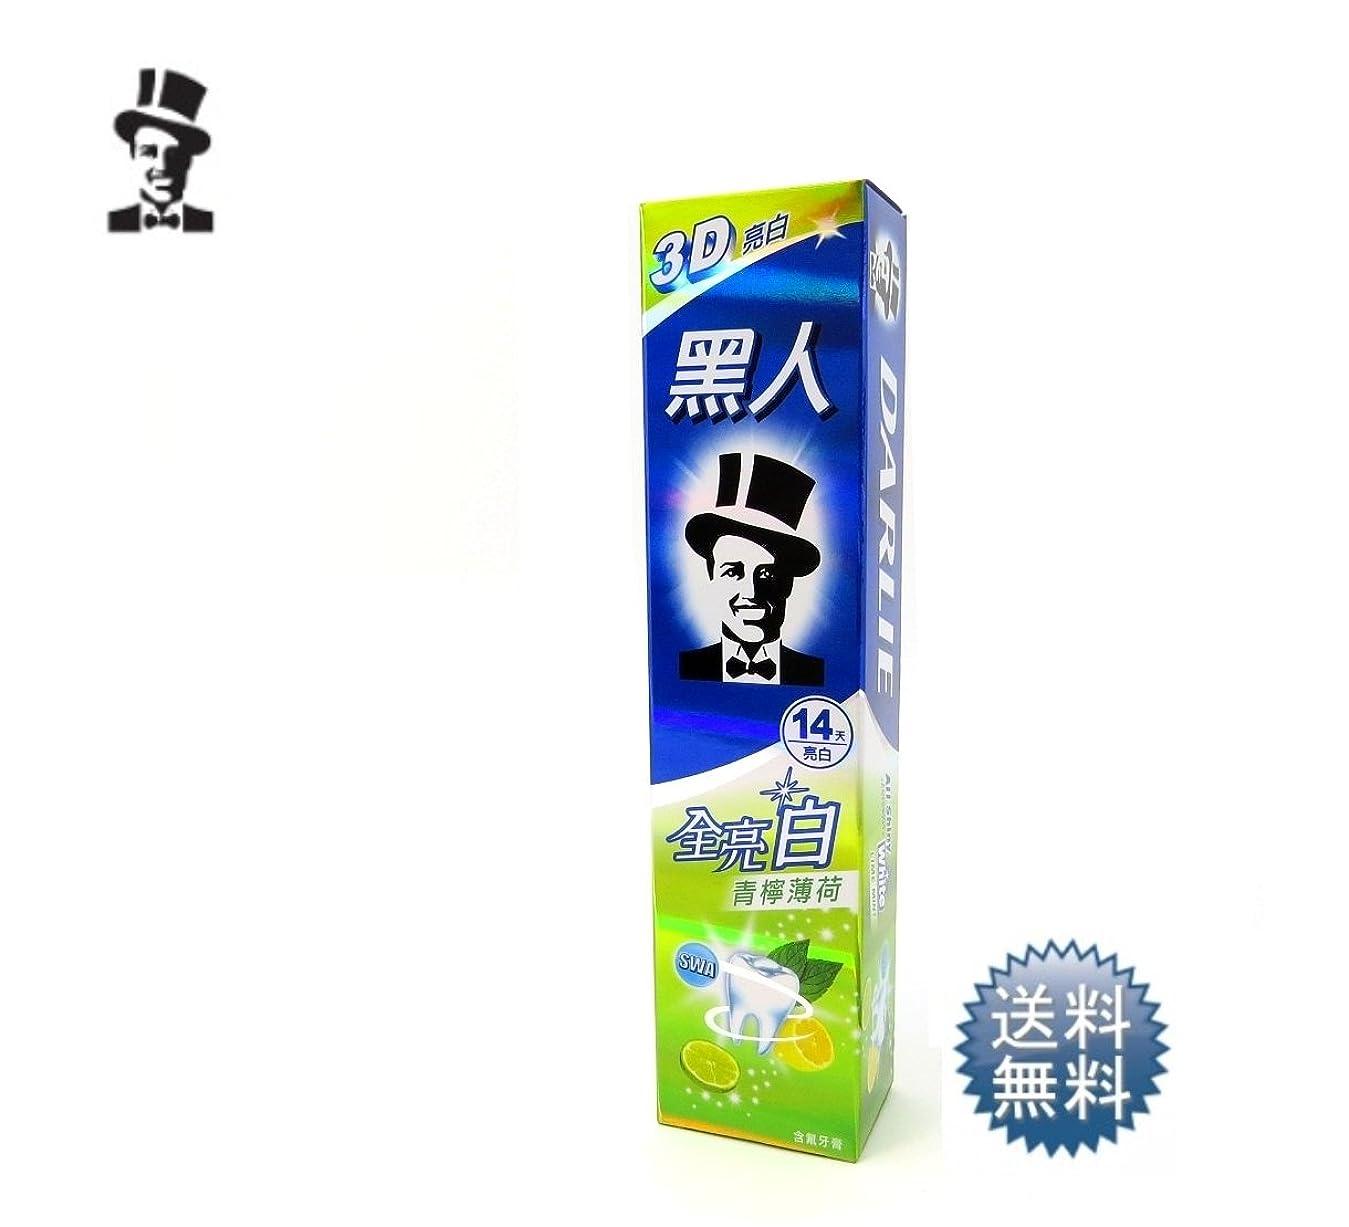 栄養オーチャード気分が良い台湾 黒人 歯磨き 全亮白 青檸薄荷 140g